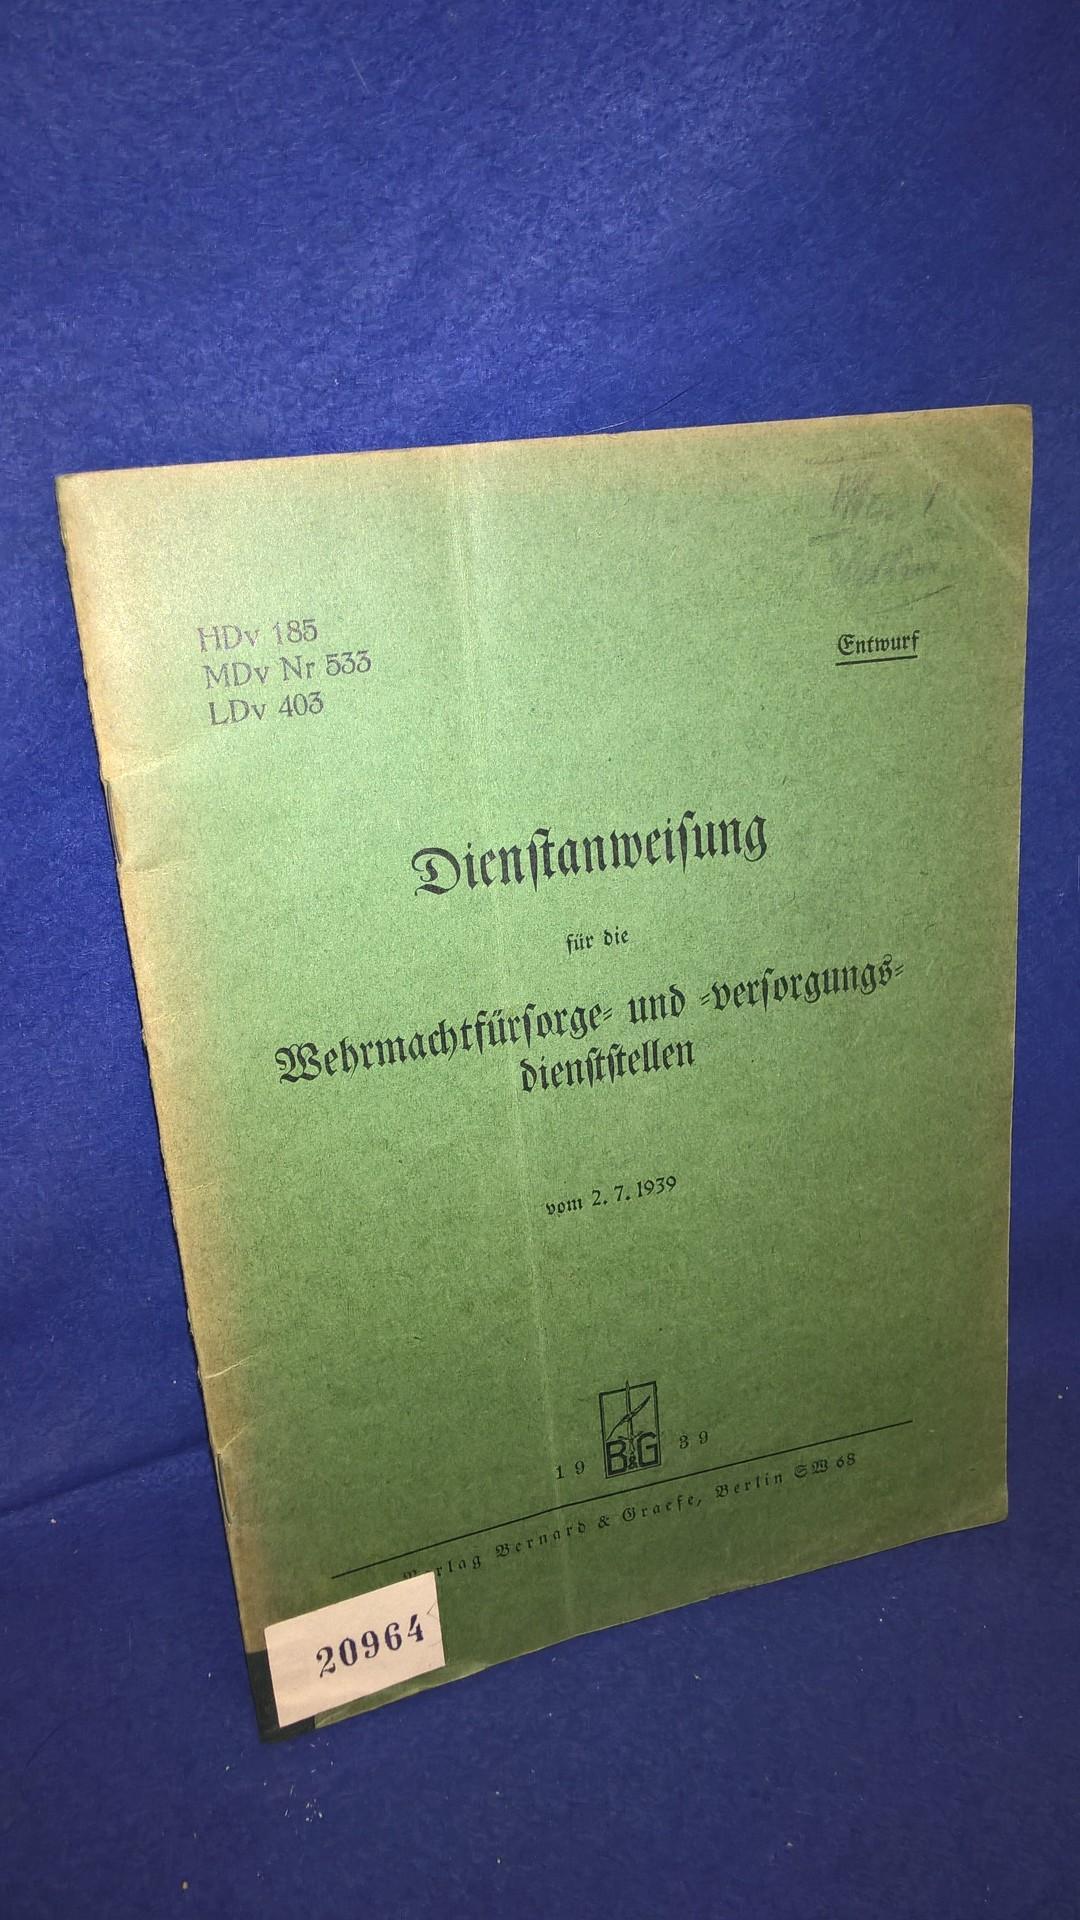 H.Dv 185/ M.Dv. 533/ L.Dv. 403. Dienstanweisung für die Wehrmachtfürsorge- und Versorgungsdienststellen. Vom 2.7.1939.